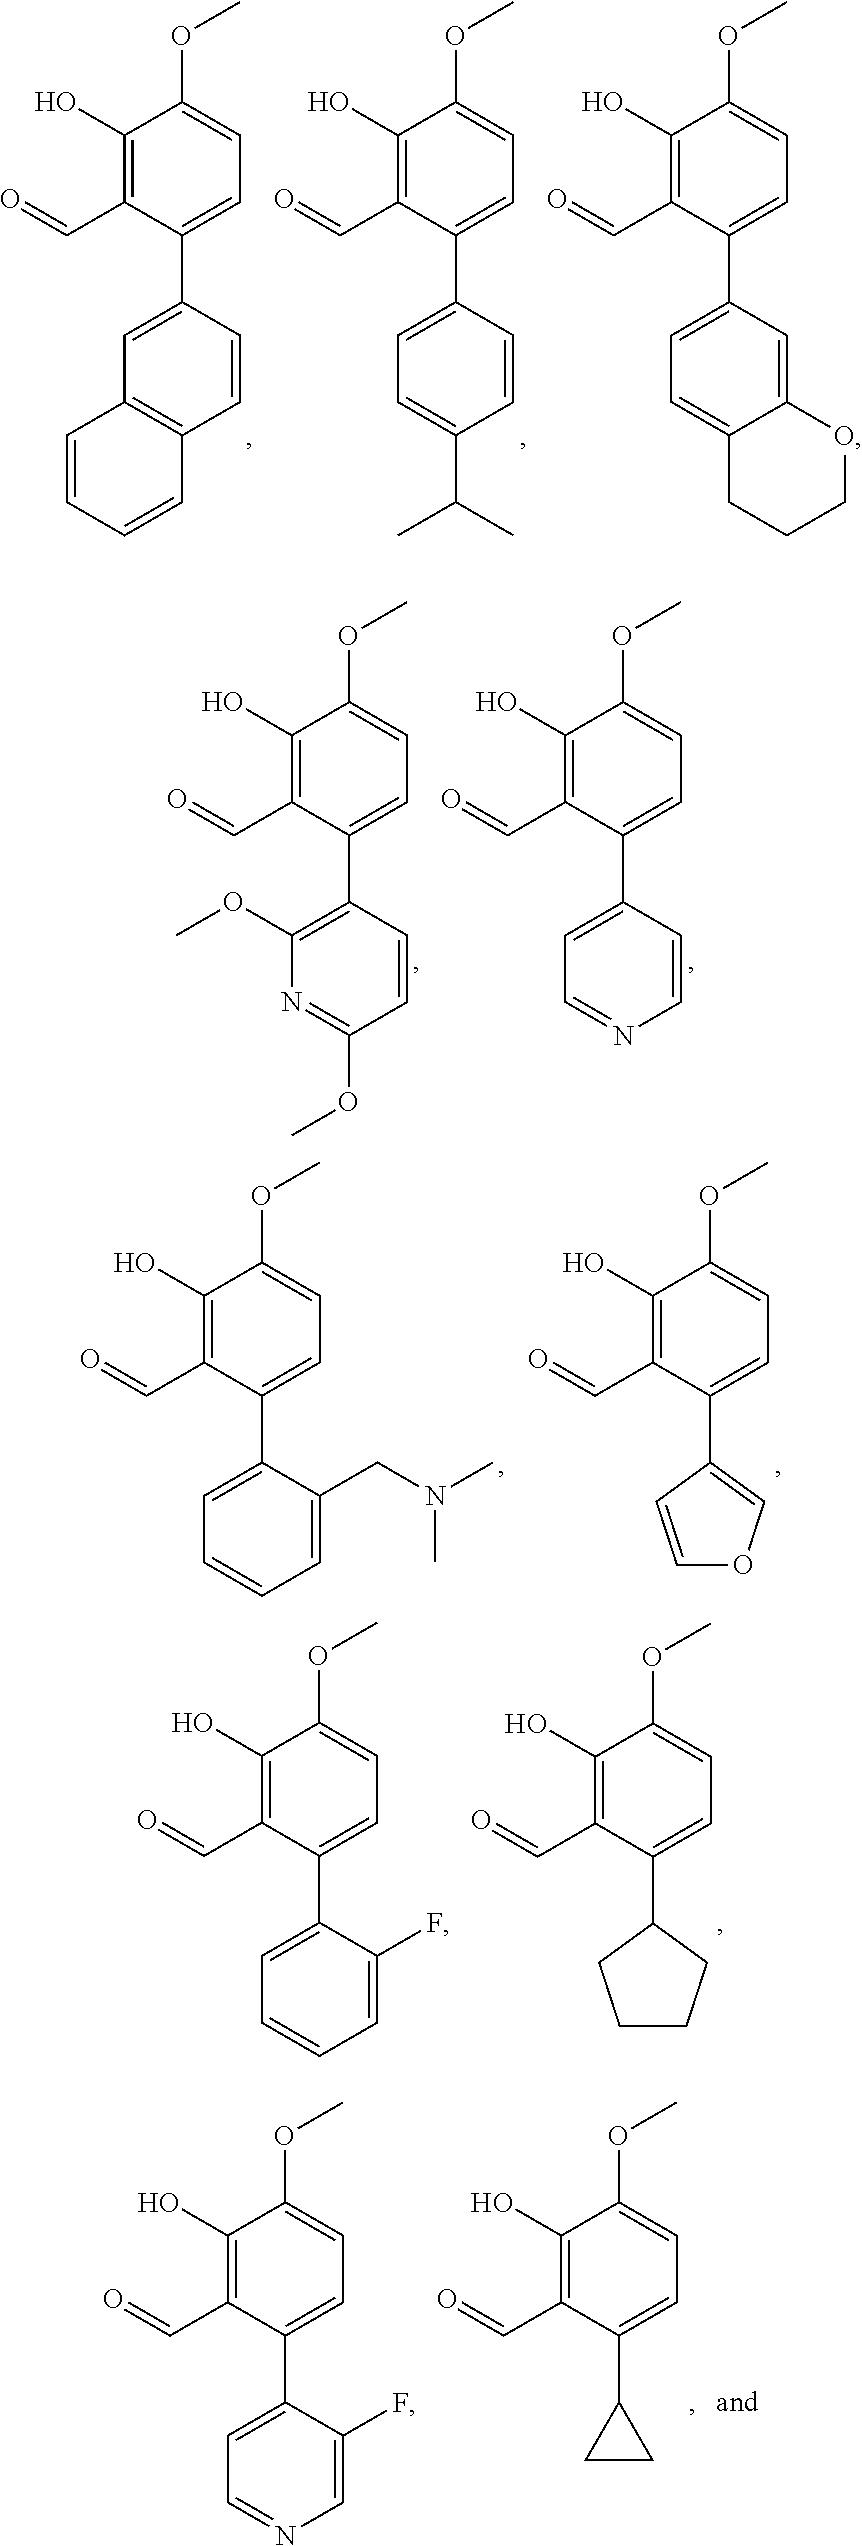 Figure US20110065162A1-20110317-C00064